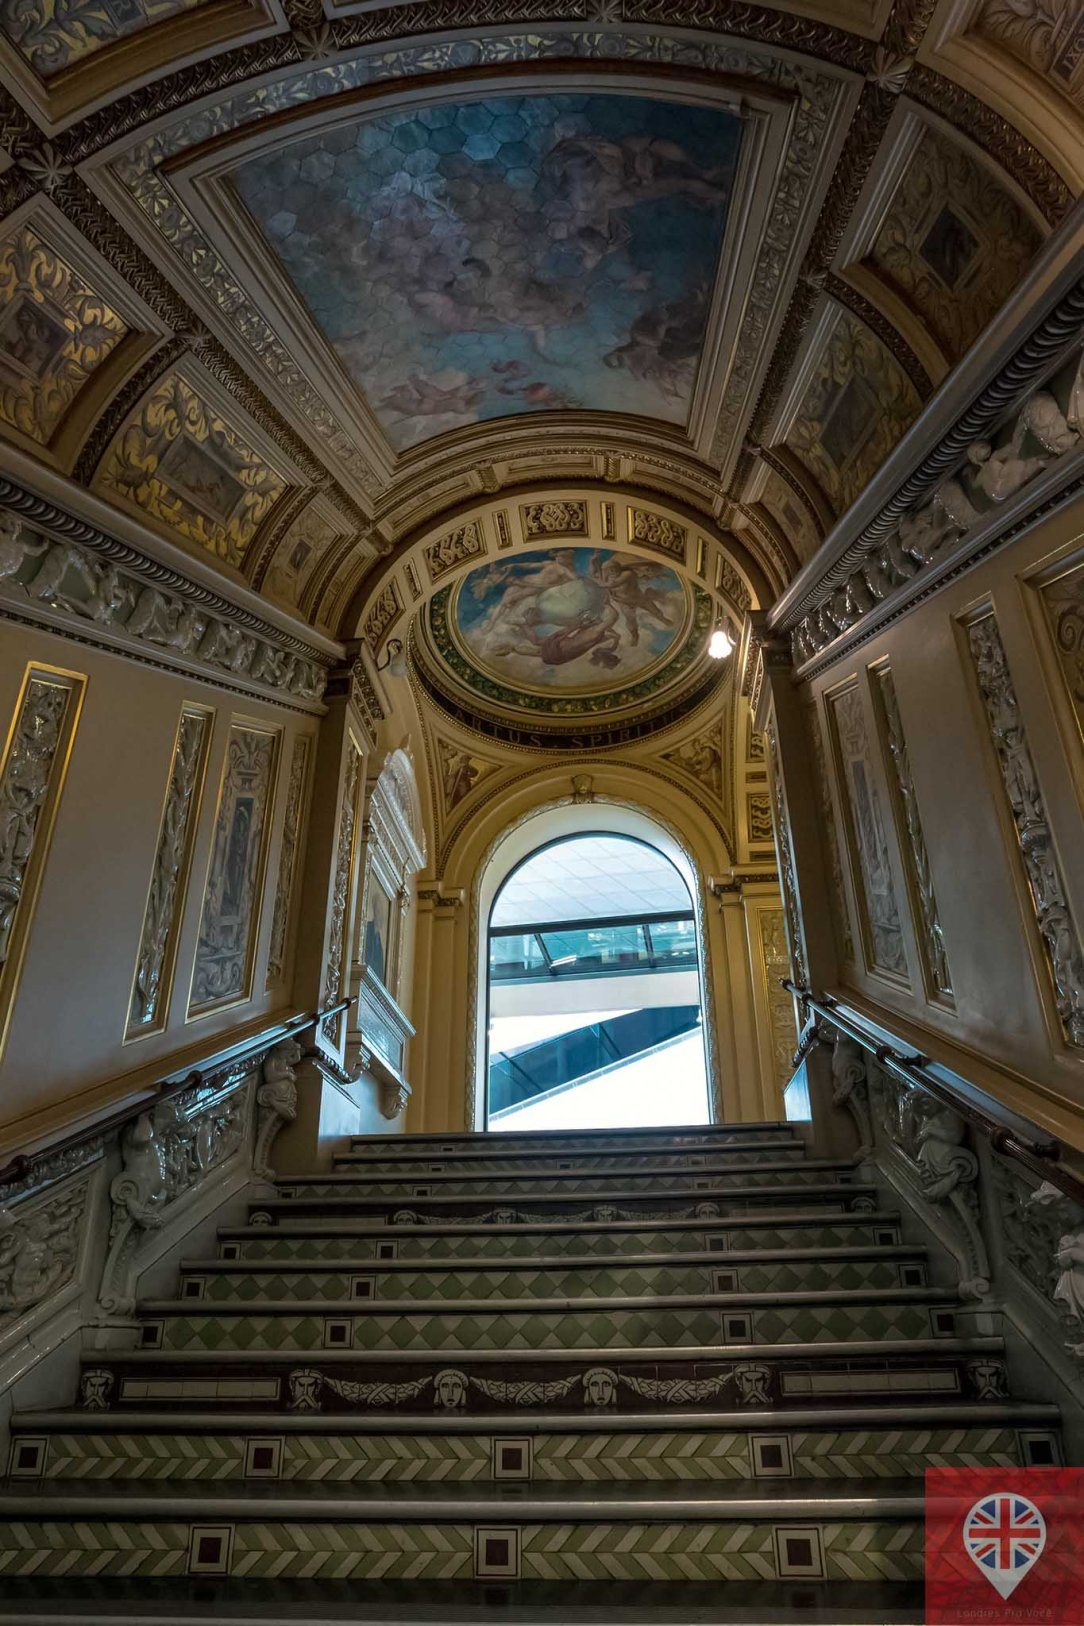 V&A the ceramic staircase